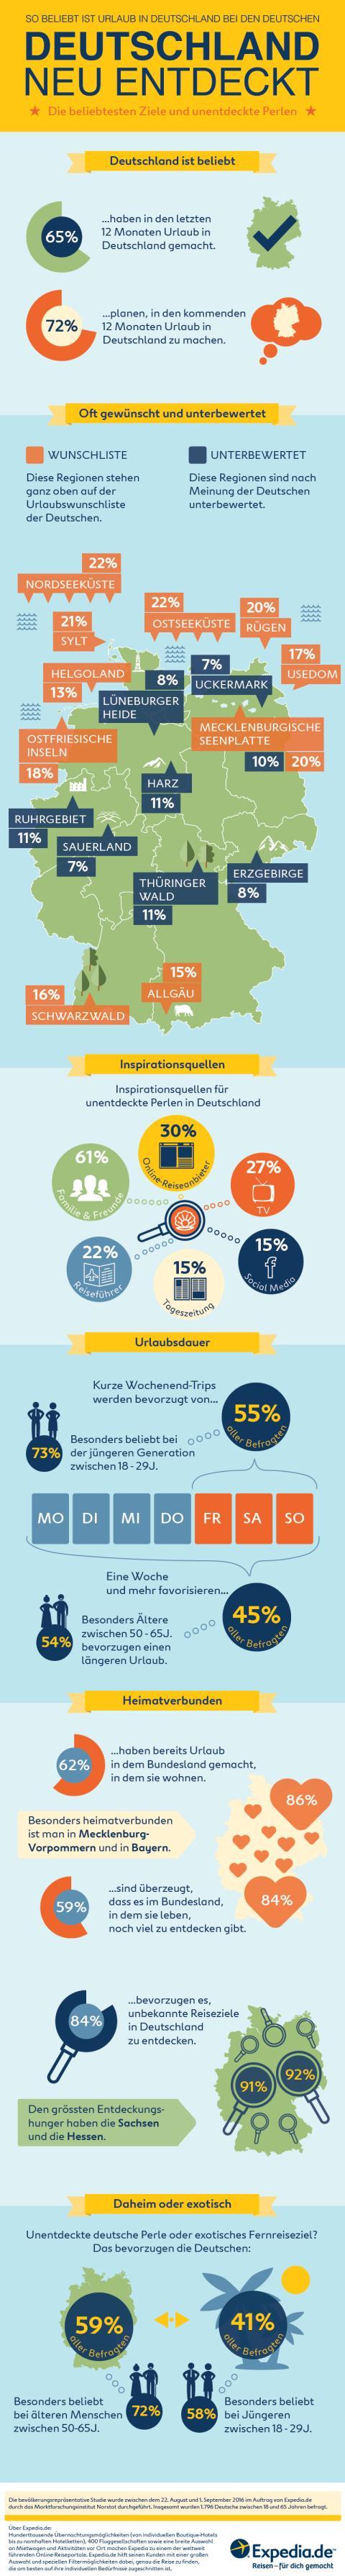 Infografik Deutschland neu entdeckt